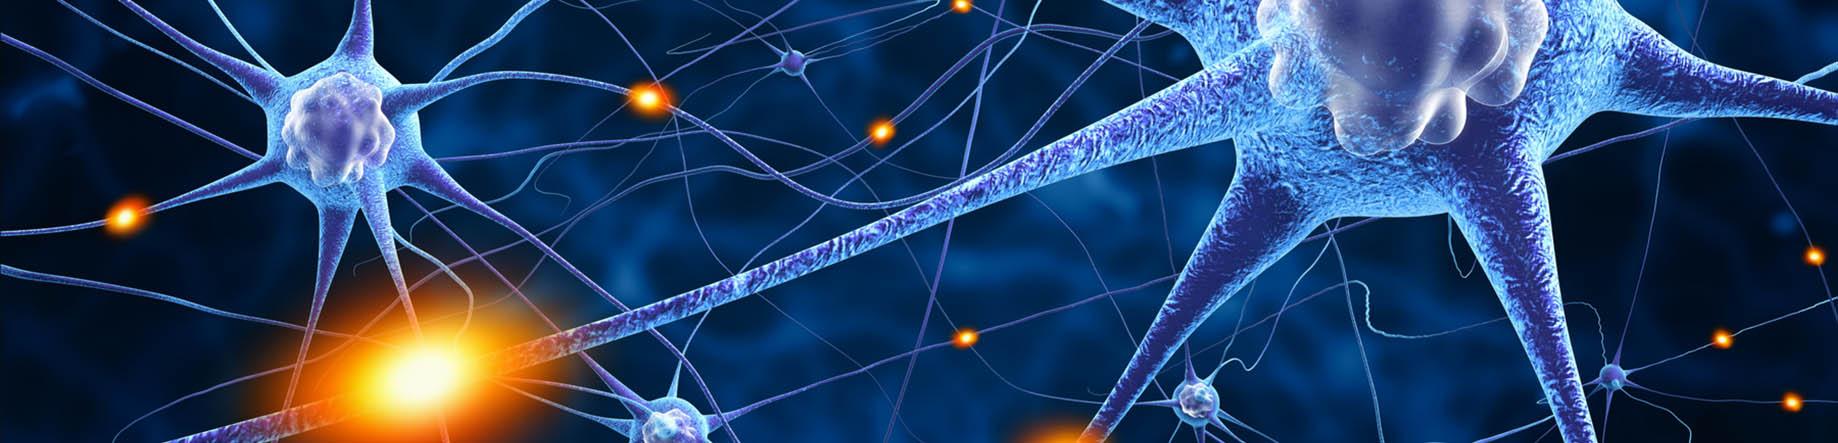 estimulación nervios